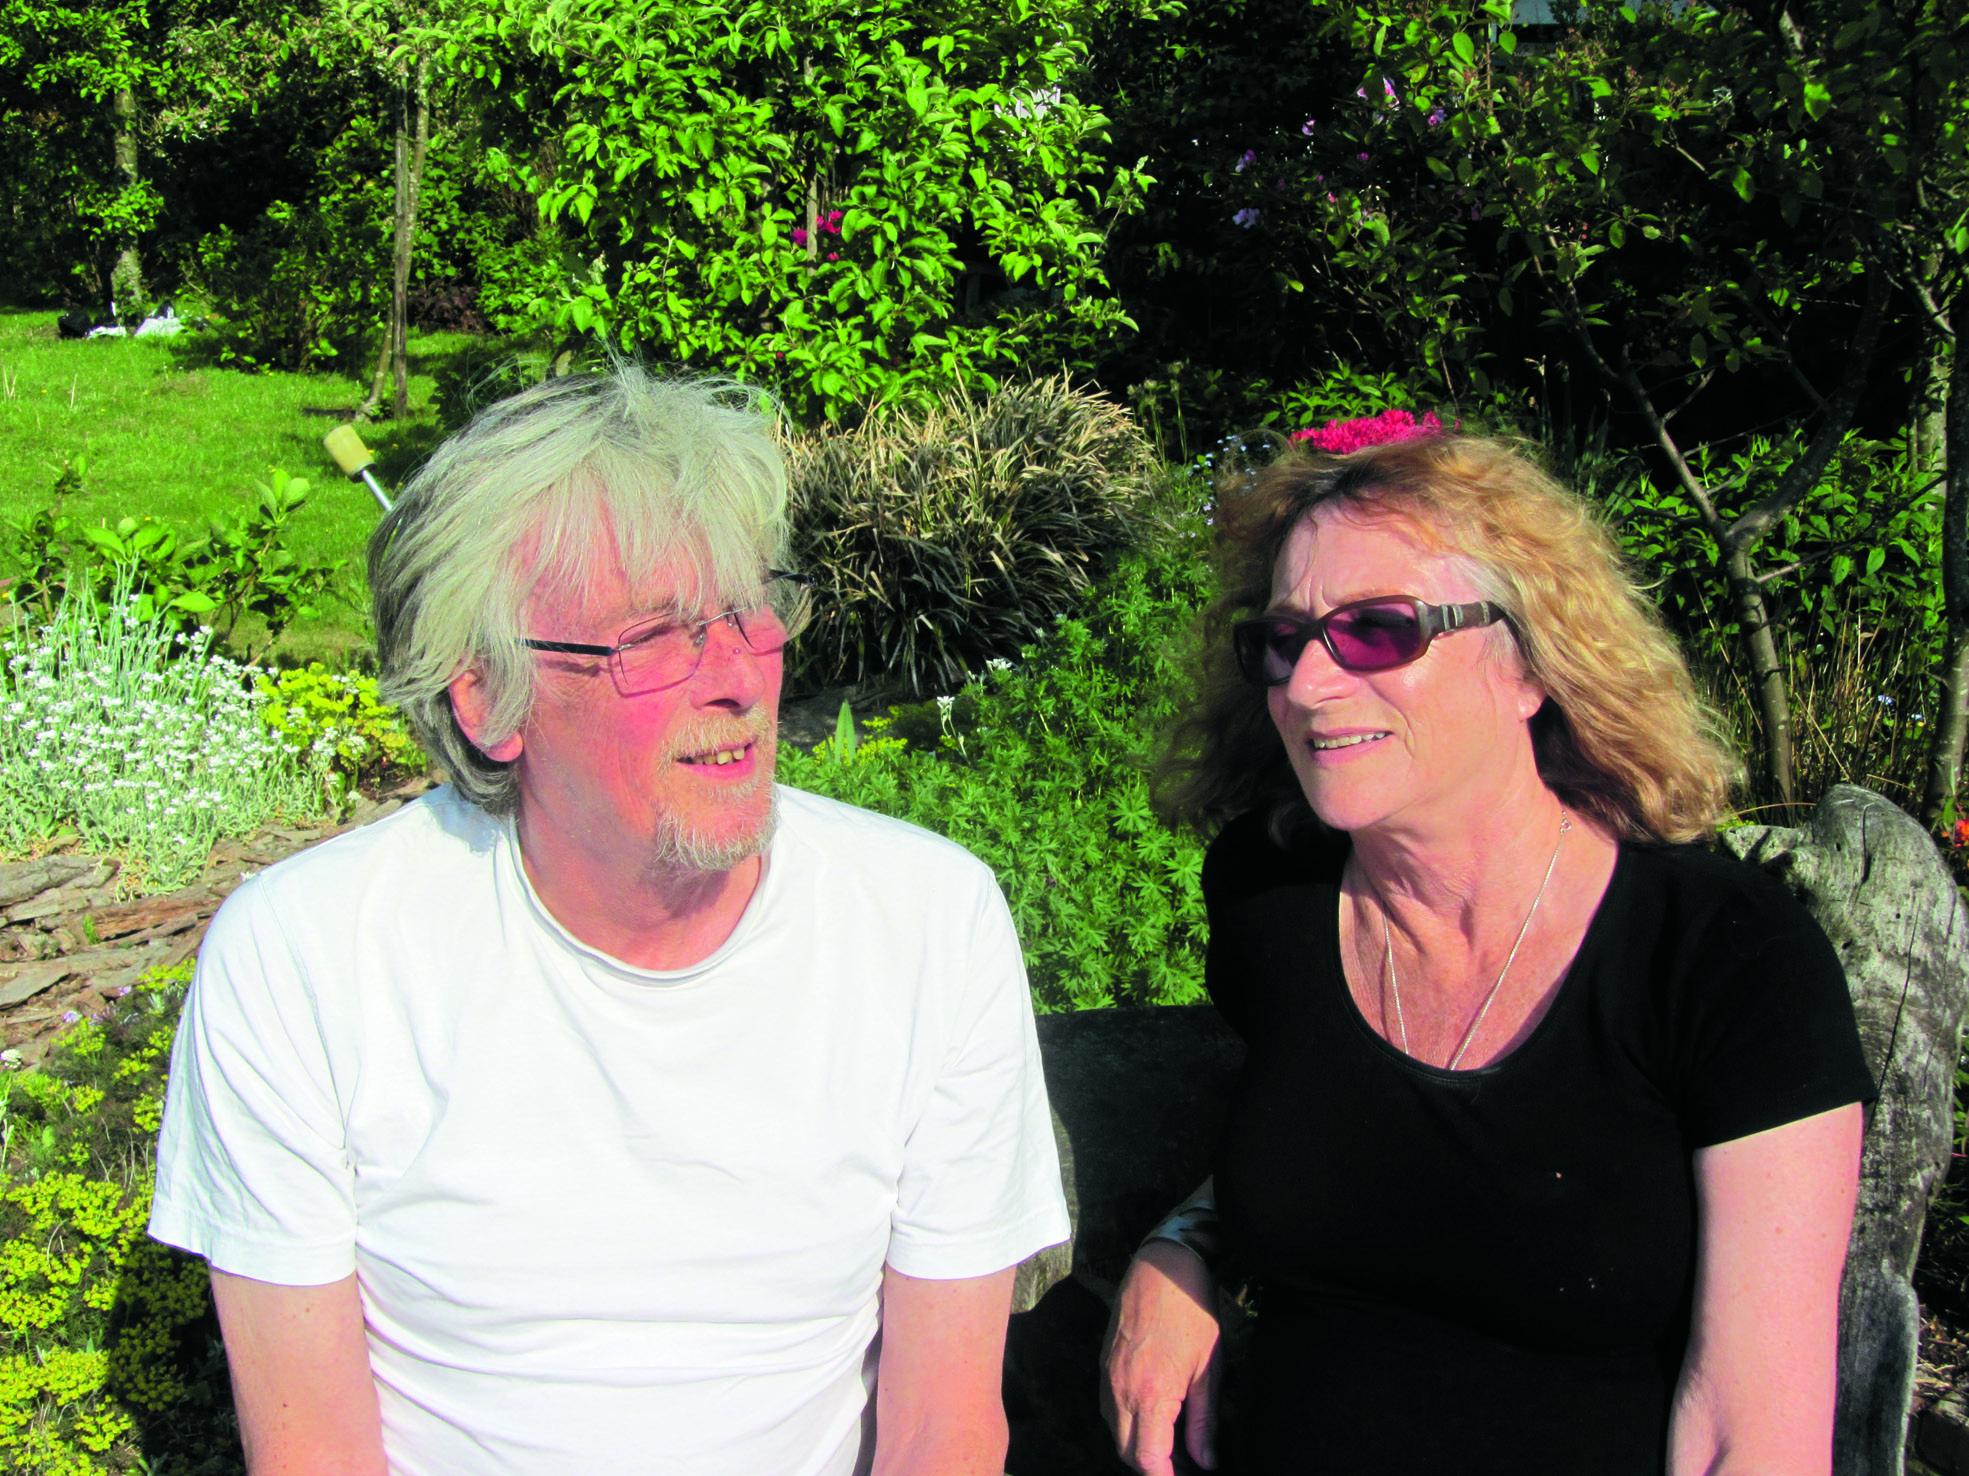 Marga en Nico Bennemeer, de drijvende krachten achter SJOO. Een fragment uit één van de plakboeken. (Foto's: JWvD)